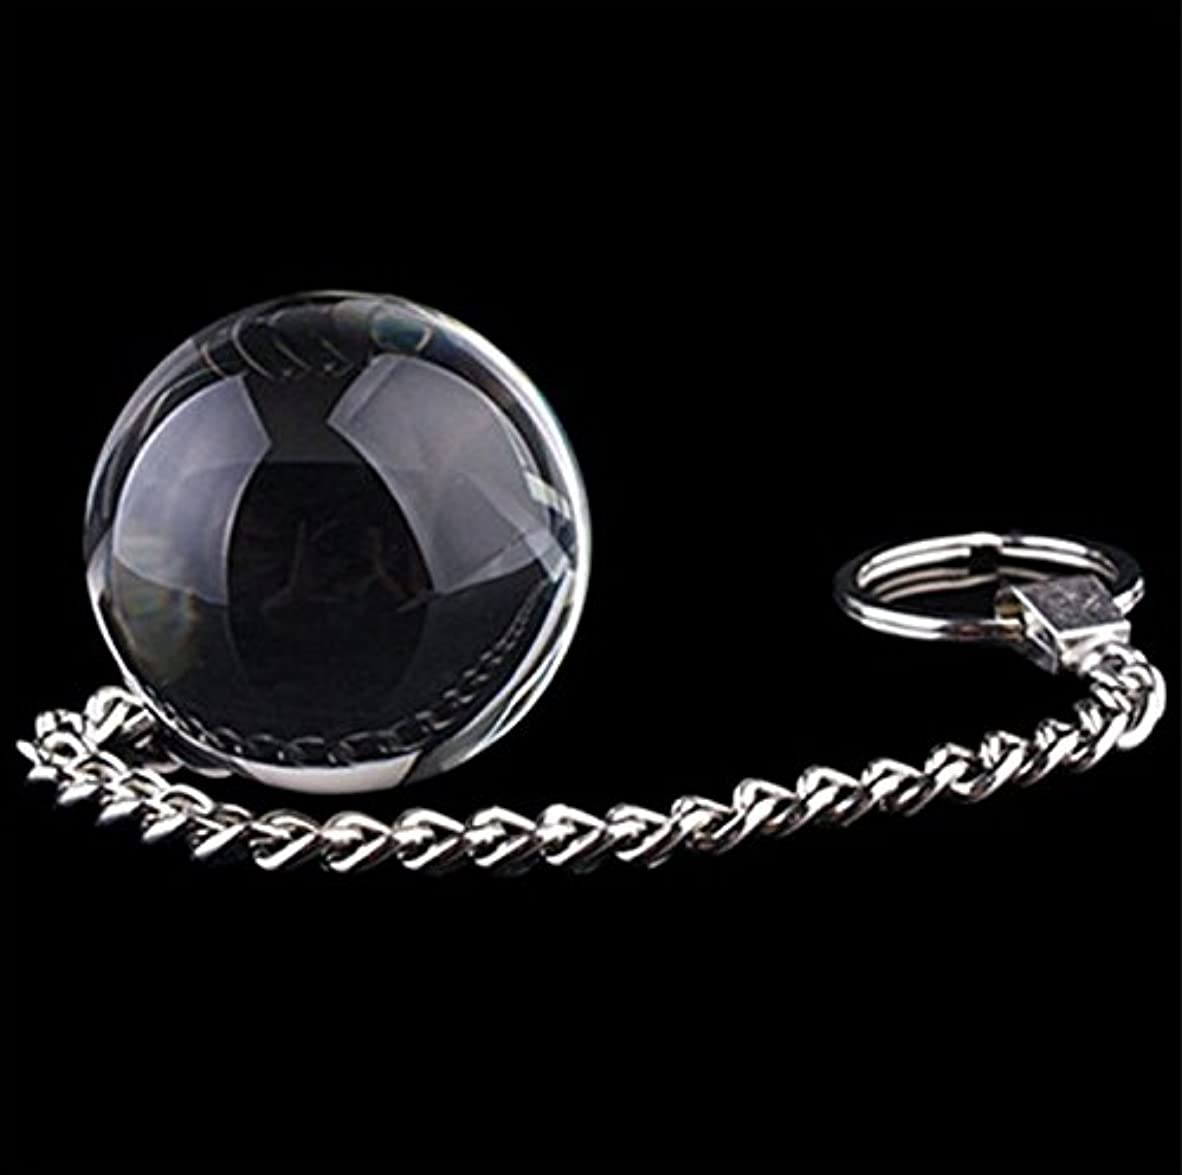 ジャンプズボンモルヒネクリスタルガラスマジックマッサージボール